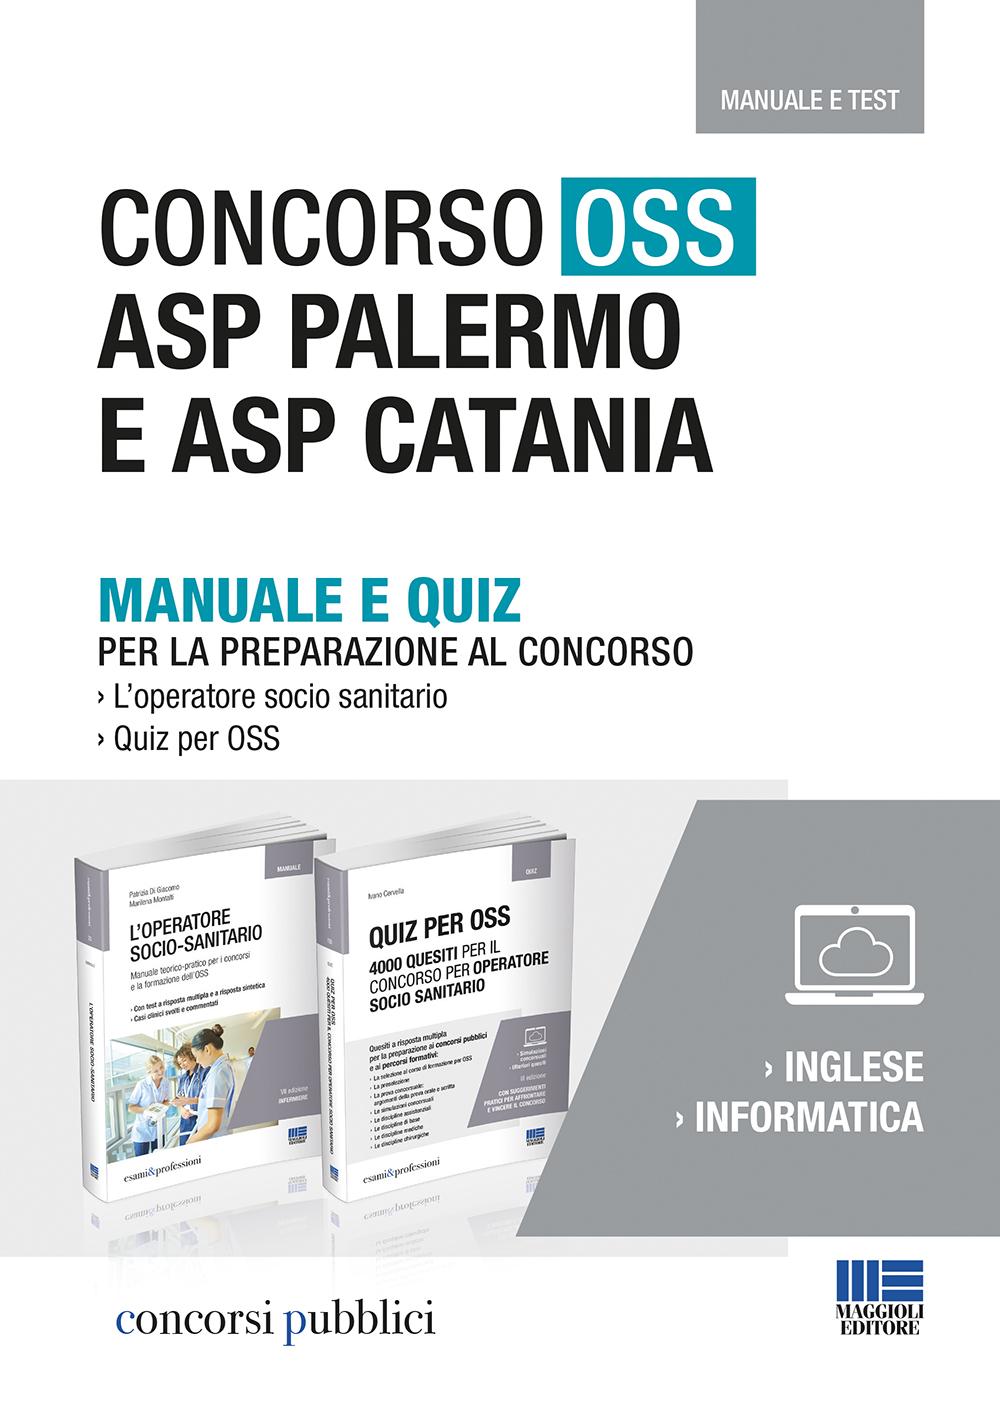 Concorso OSS ASP Palermo e ASP Catania